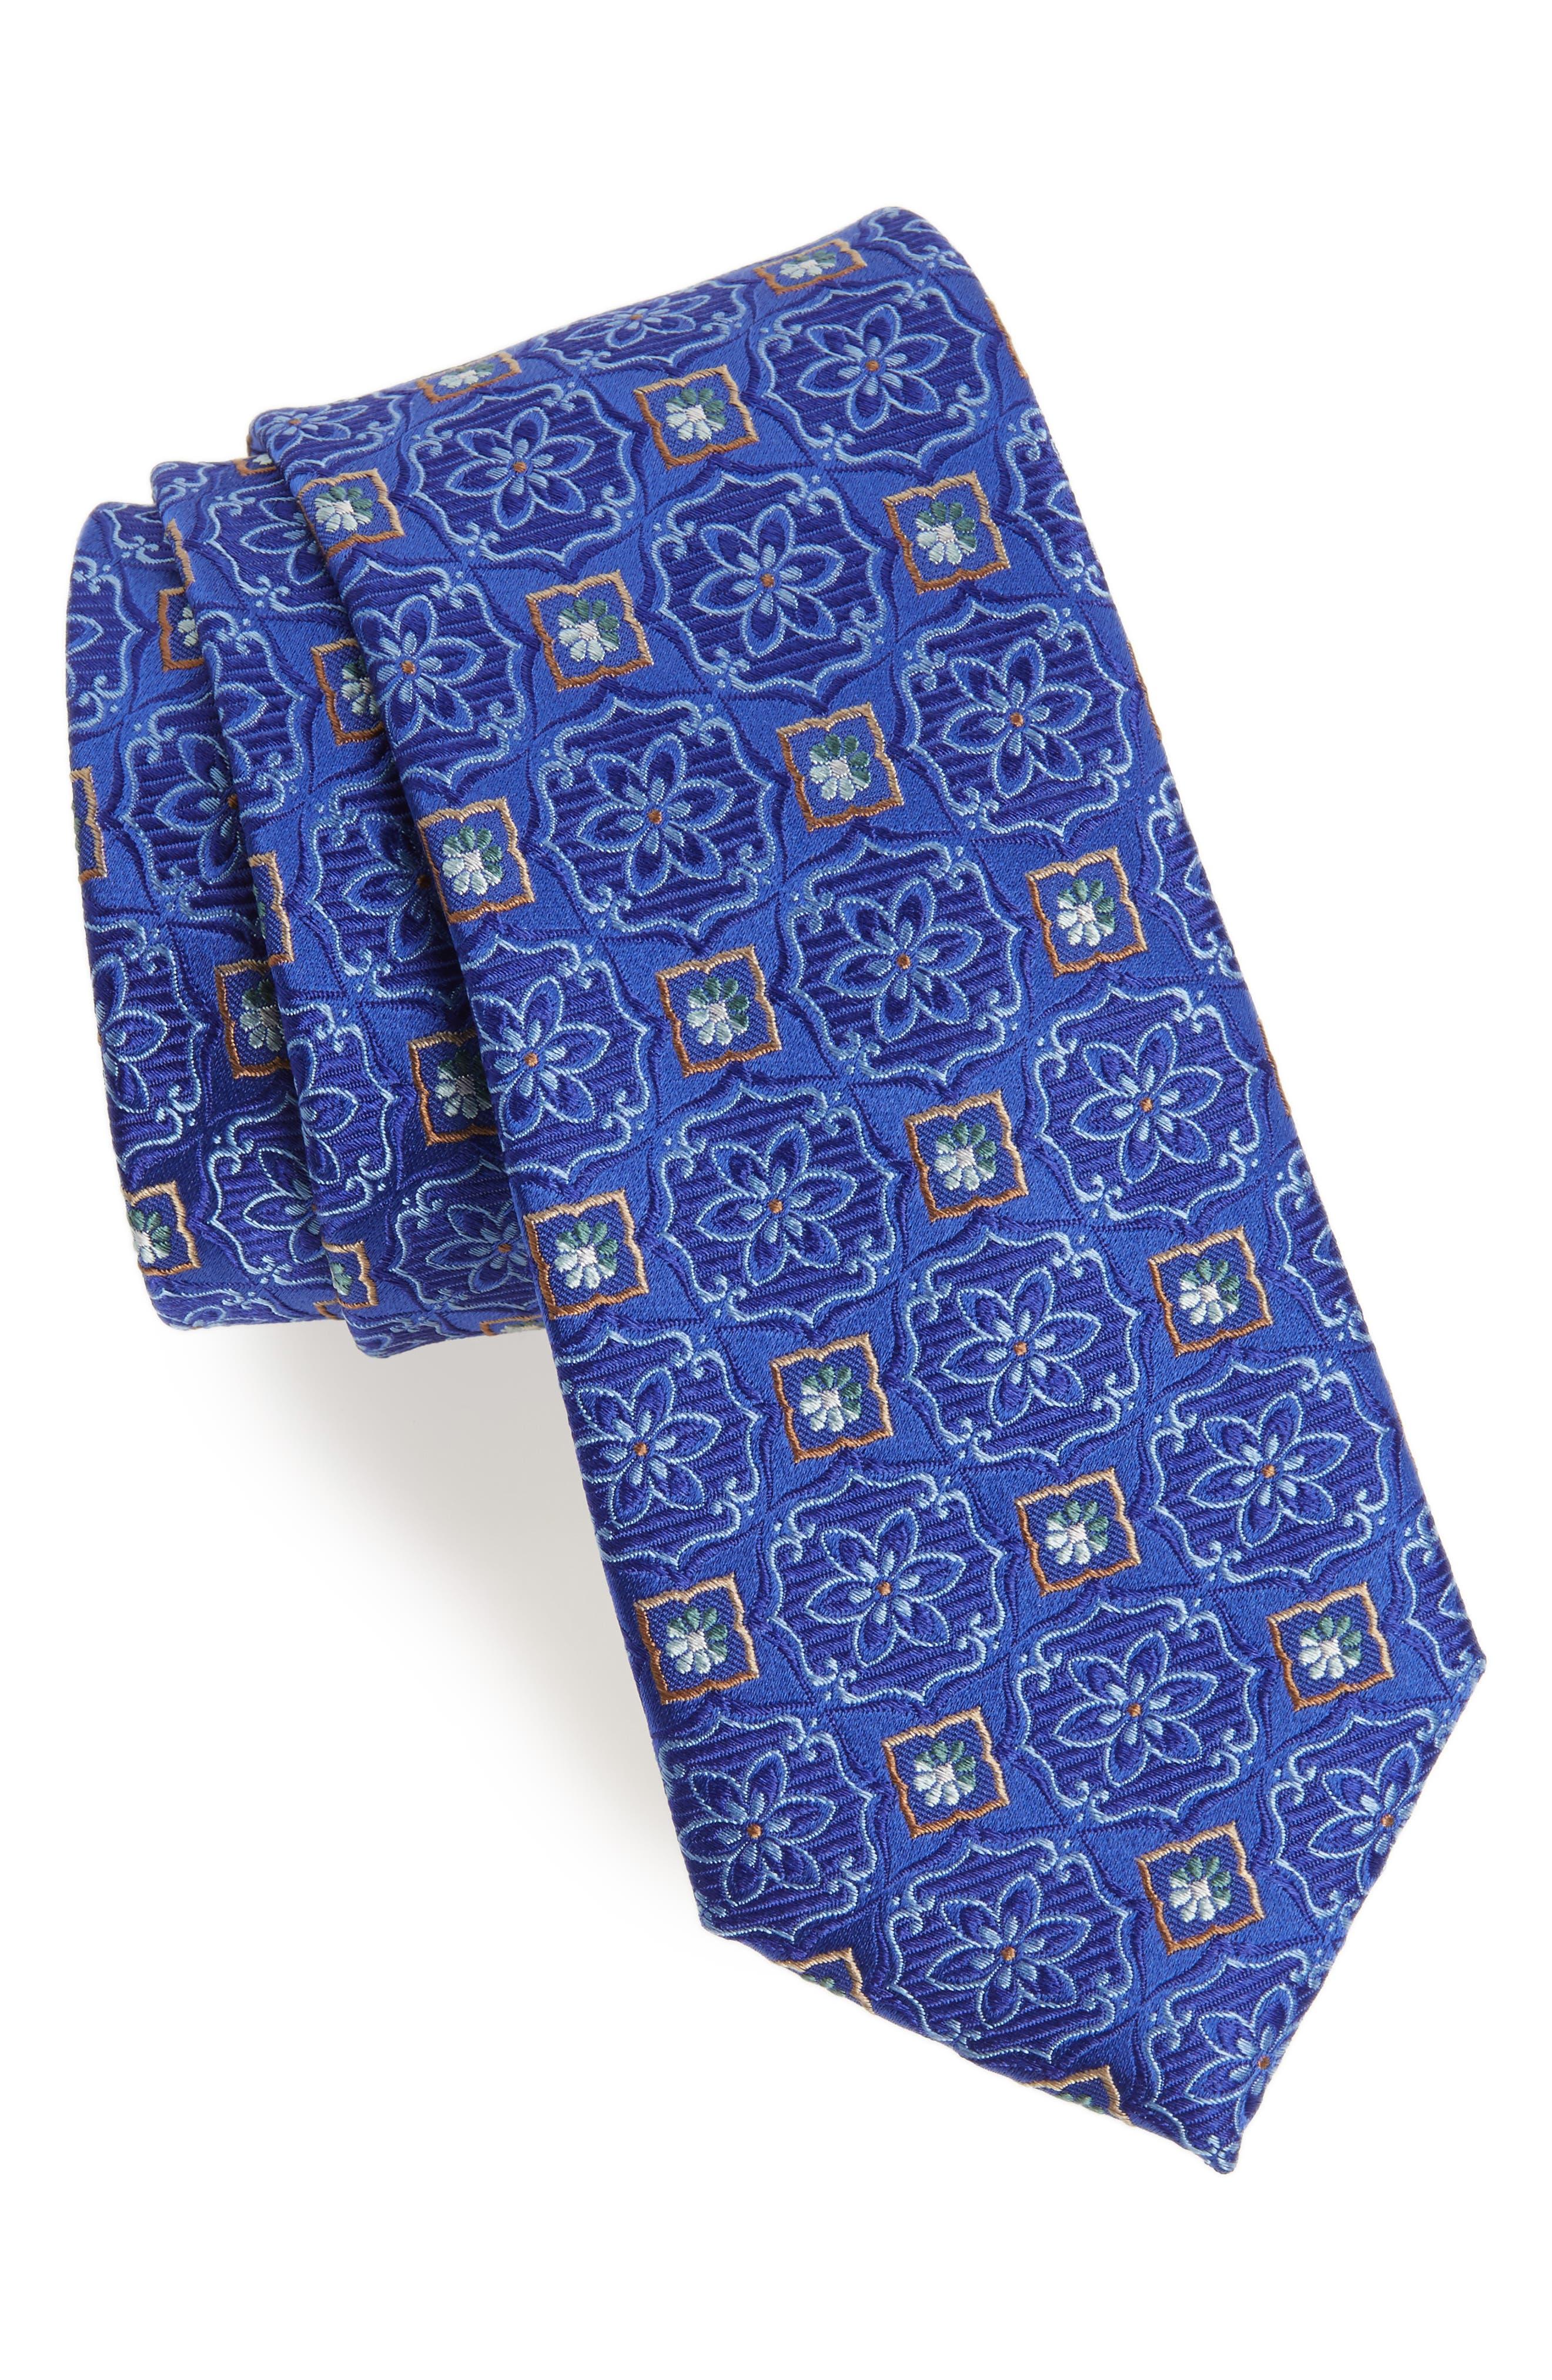 Alternate Image 1 Selected - Nordstrom Men's Shop Floral Medallion Silk Tie